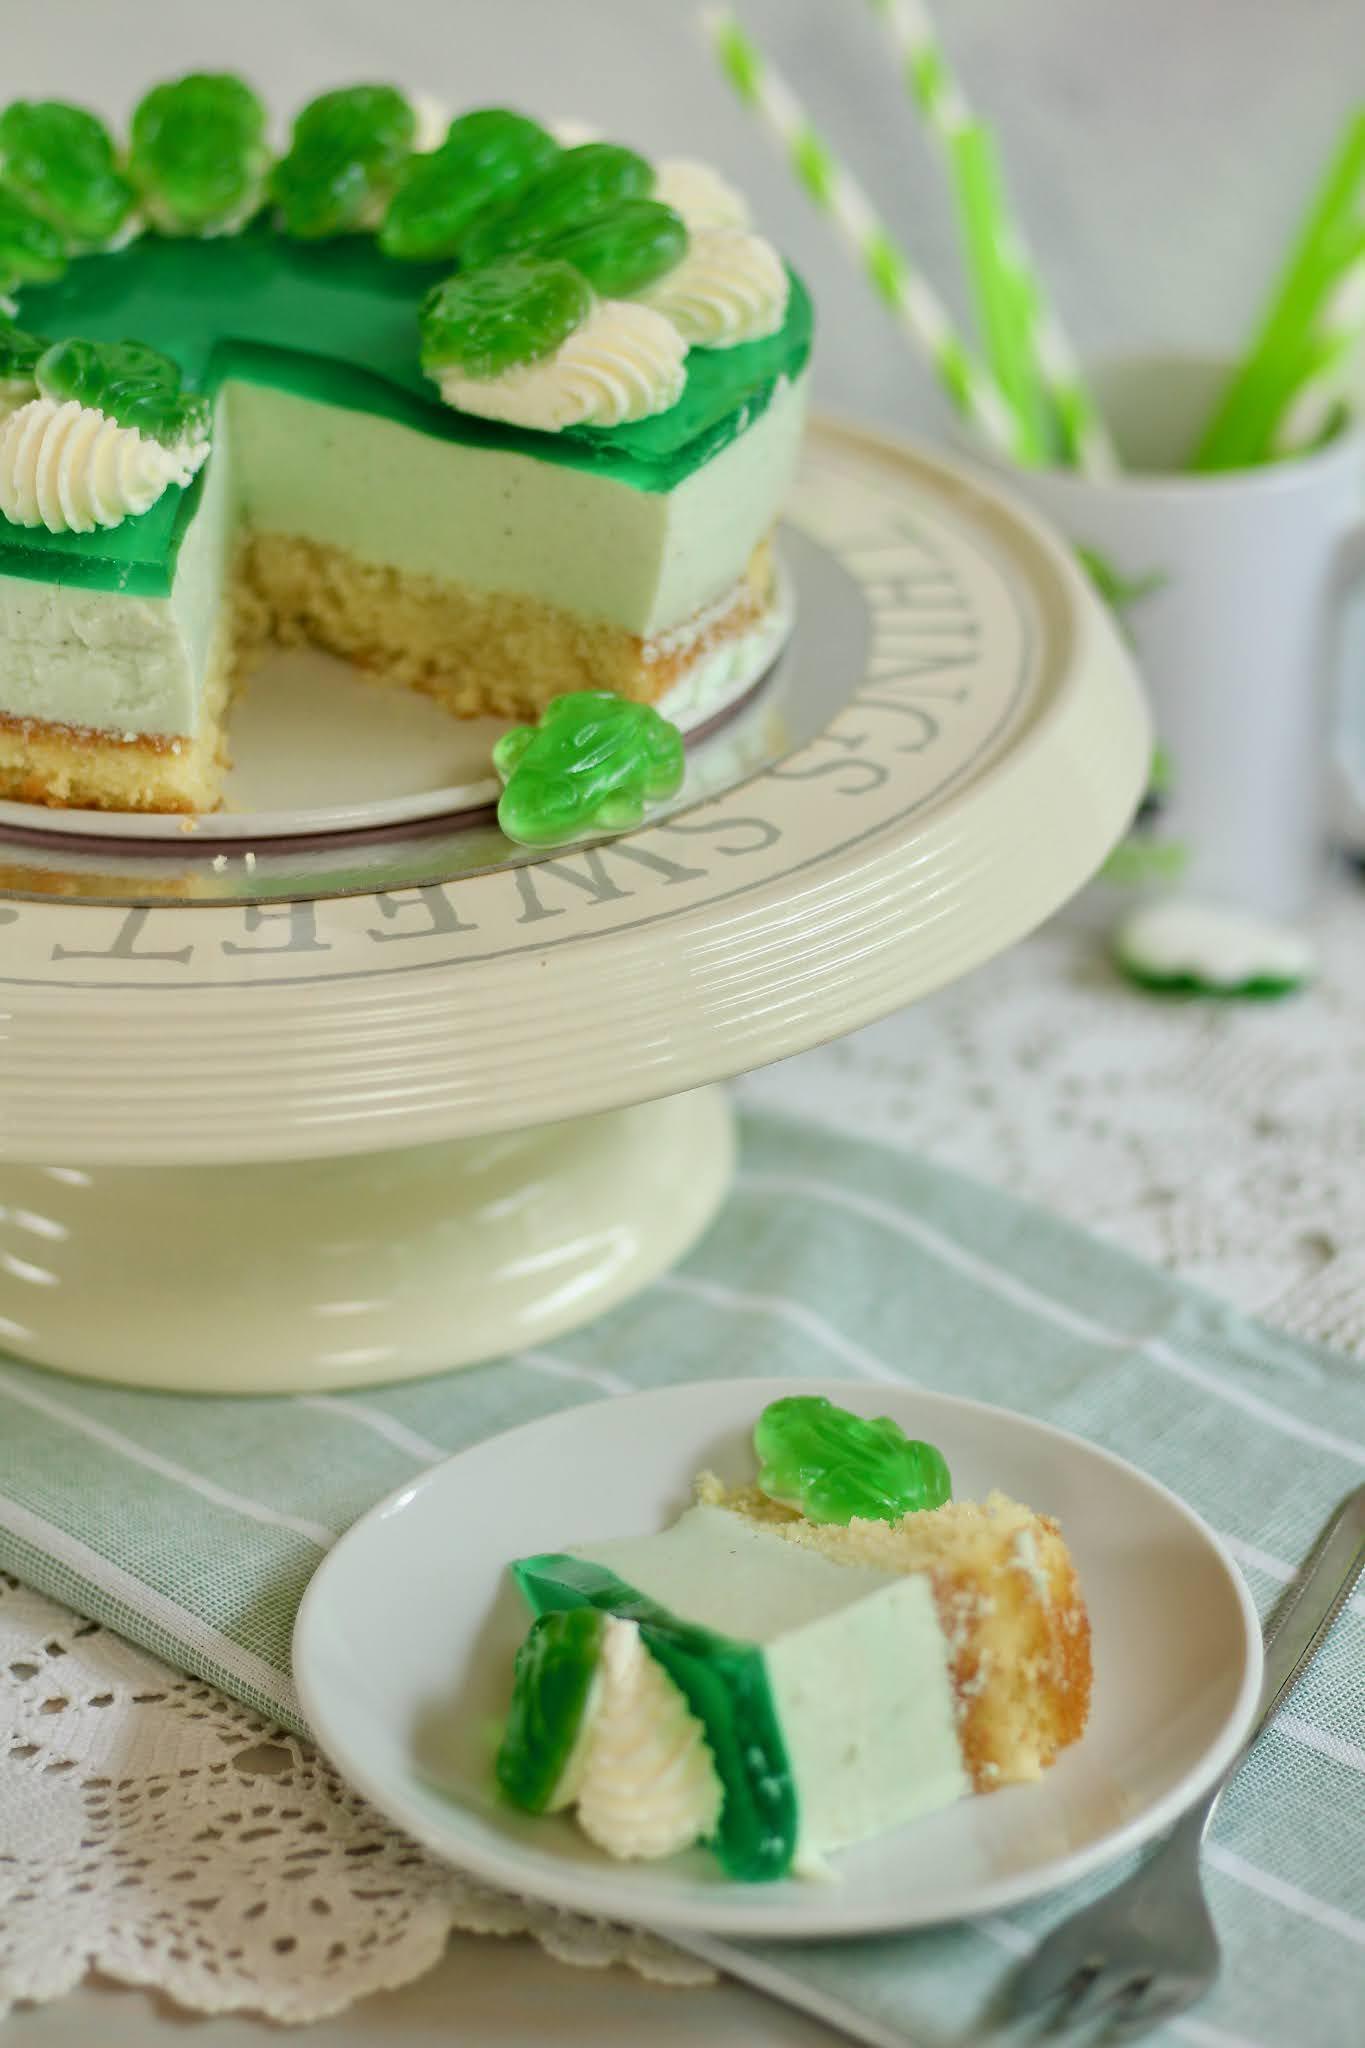 🐸 Fruchtig-cremige Waldmeister-Torte mit allerbestem Obstboden, Sahnehäubchen und Fröschlein 🐸 Rezept und Video von Sugarprincess